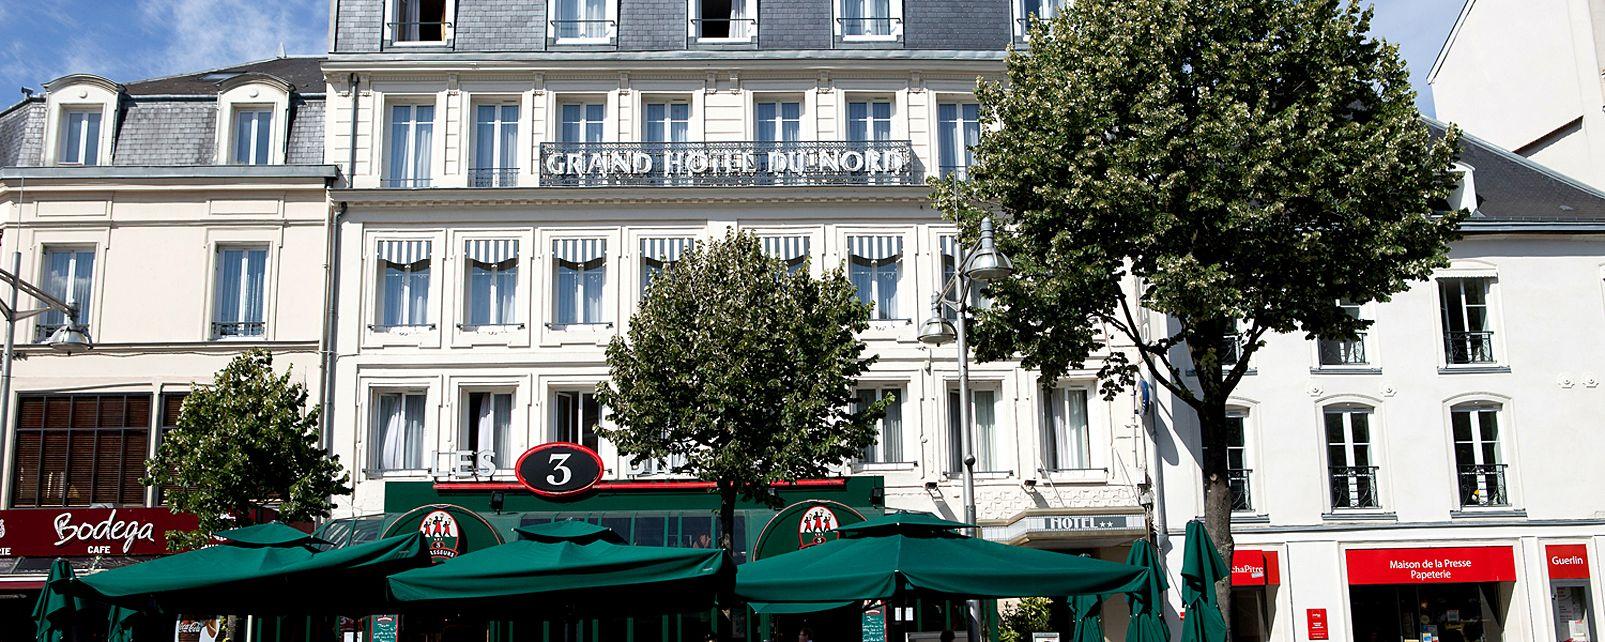 Hôtel Grand Hotel du Nord